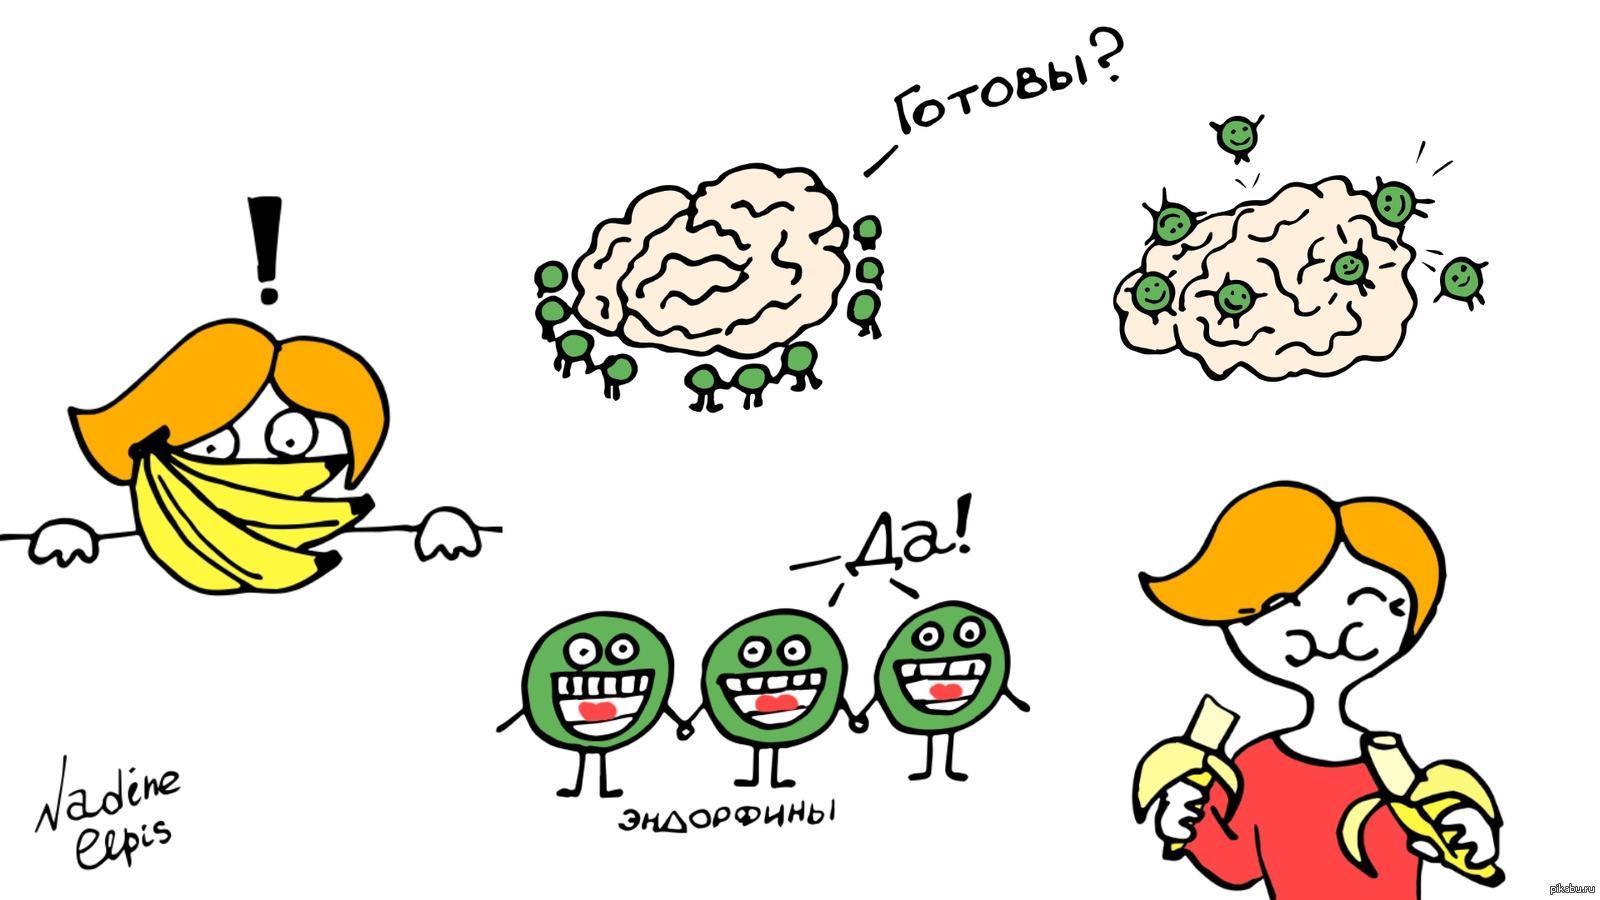 Нейрофизиология на ПостНауке: Вячеслав Дубынин об эндорфинах